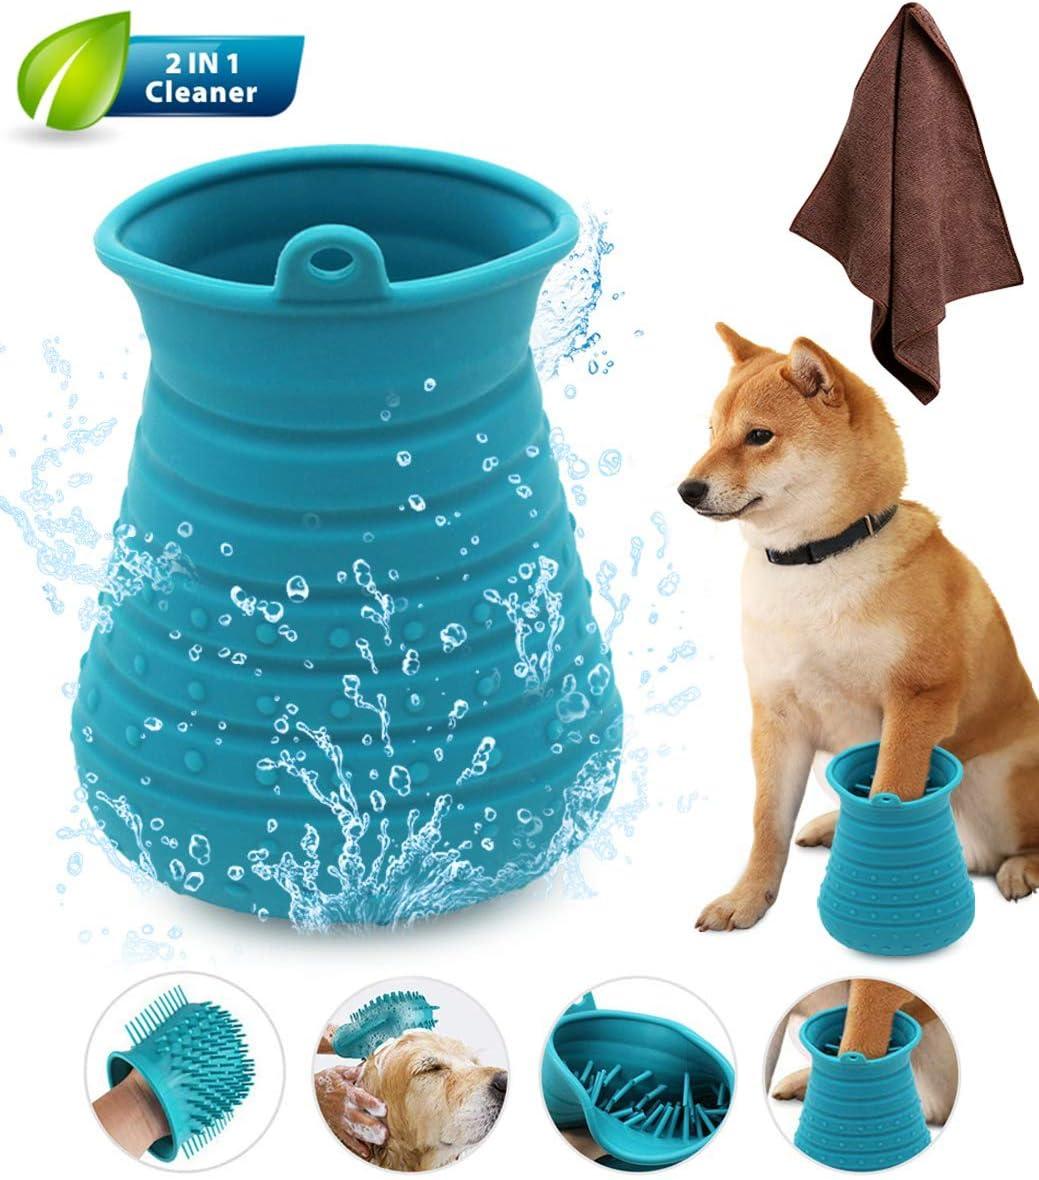 Idepet - Limpiador de patas de perro, cepillo de limpieza portátil con toalla, para limpieza de patas de perros y gatos